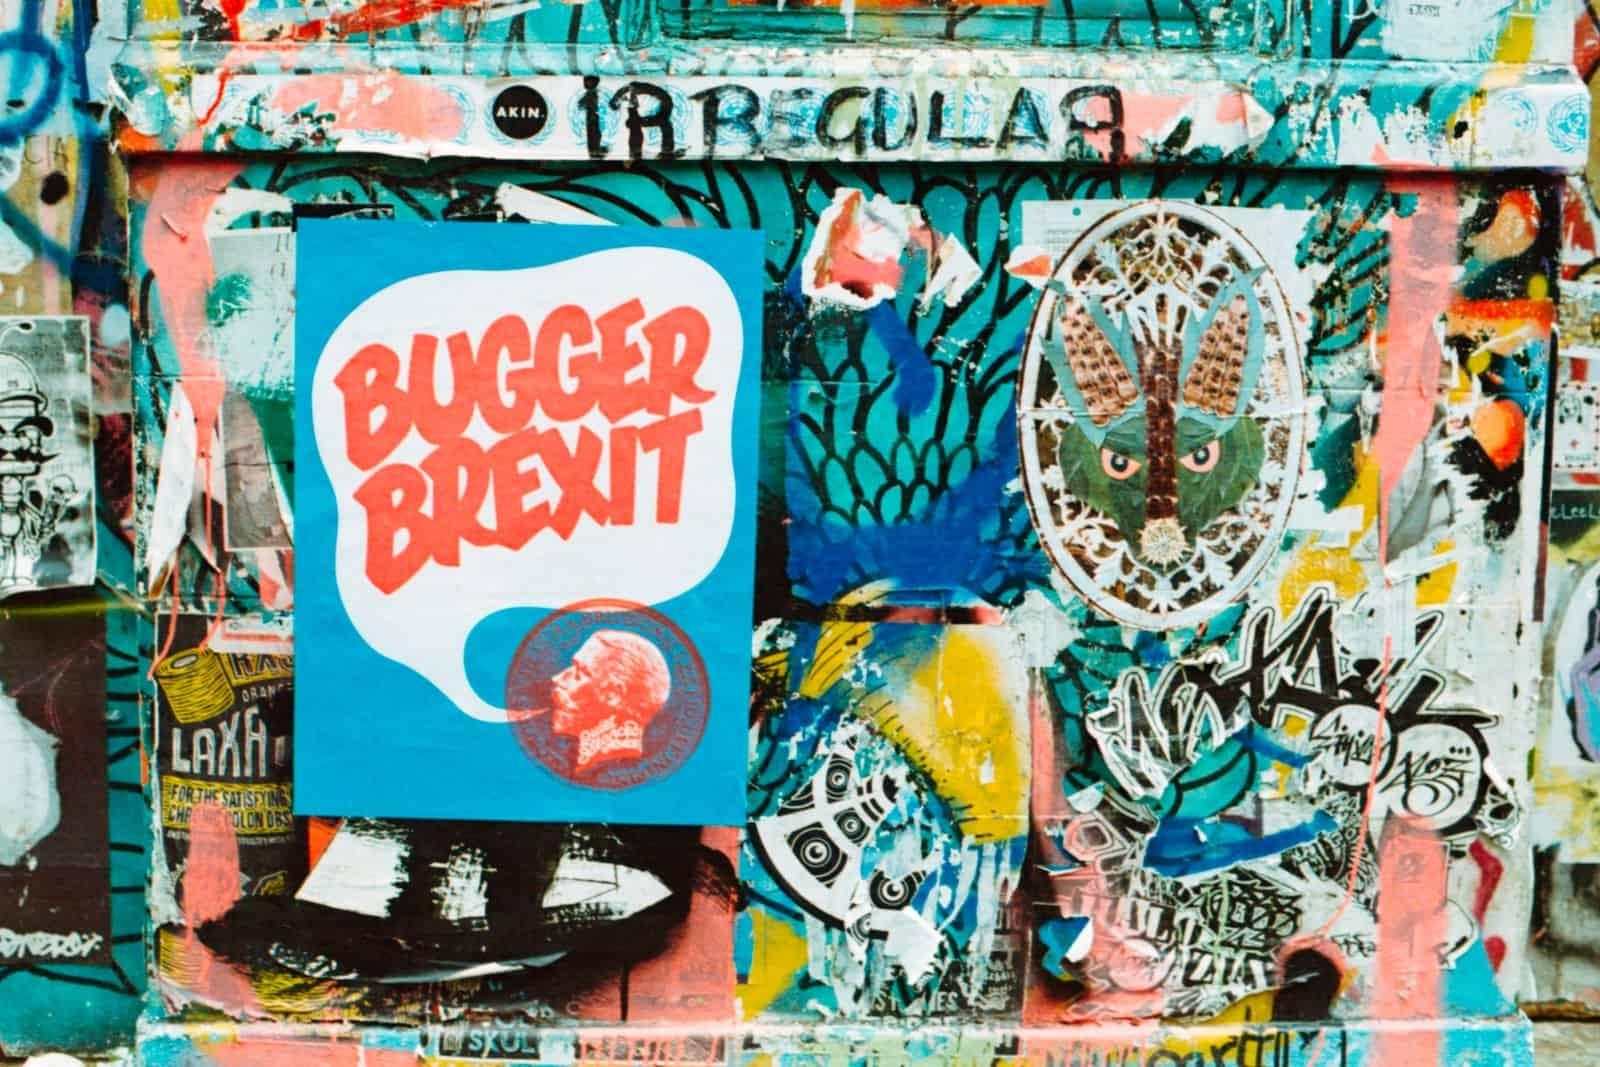 Auslandsaufenthalt: Wie wirkt sich der Brexit auf Erasmus aus?